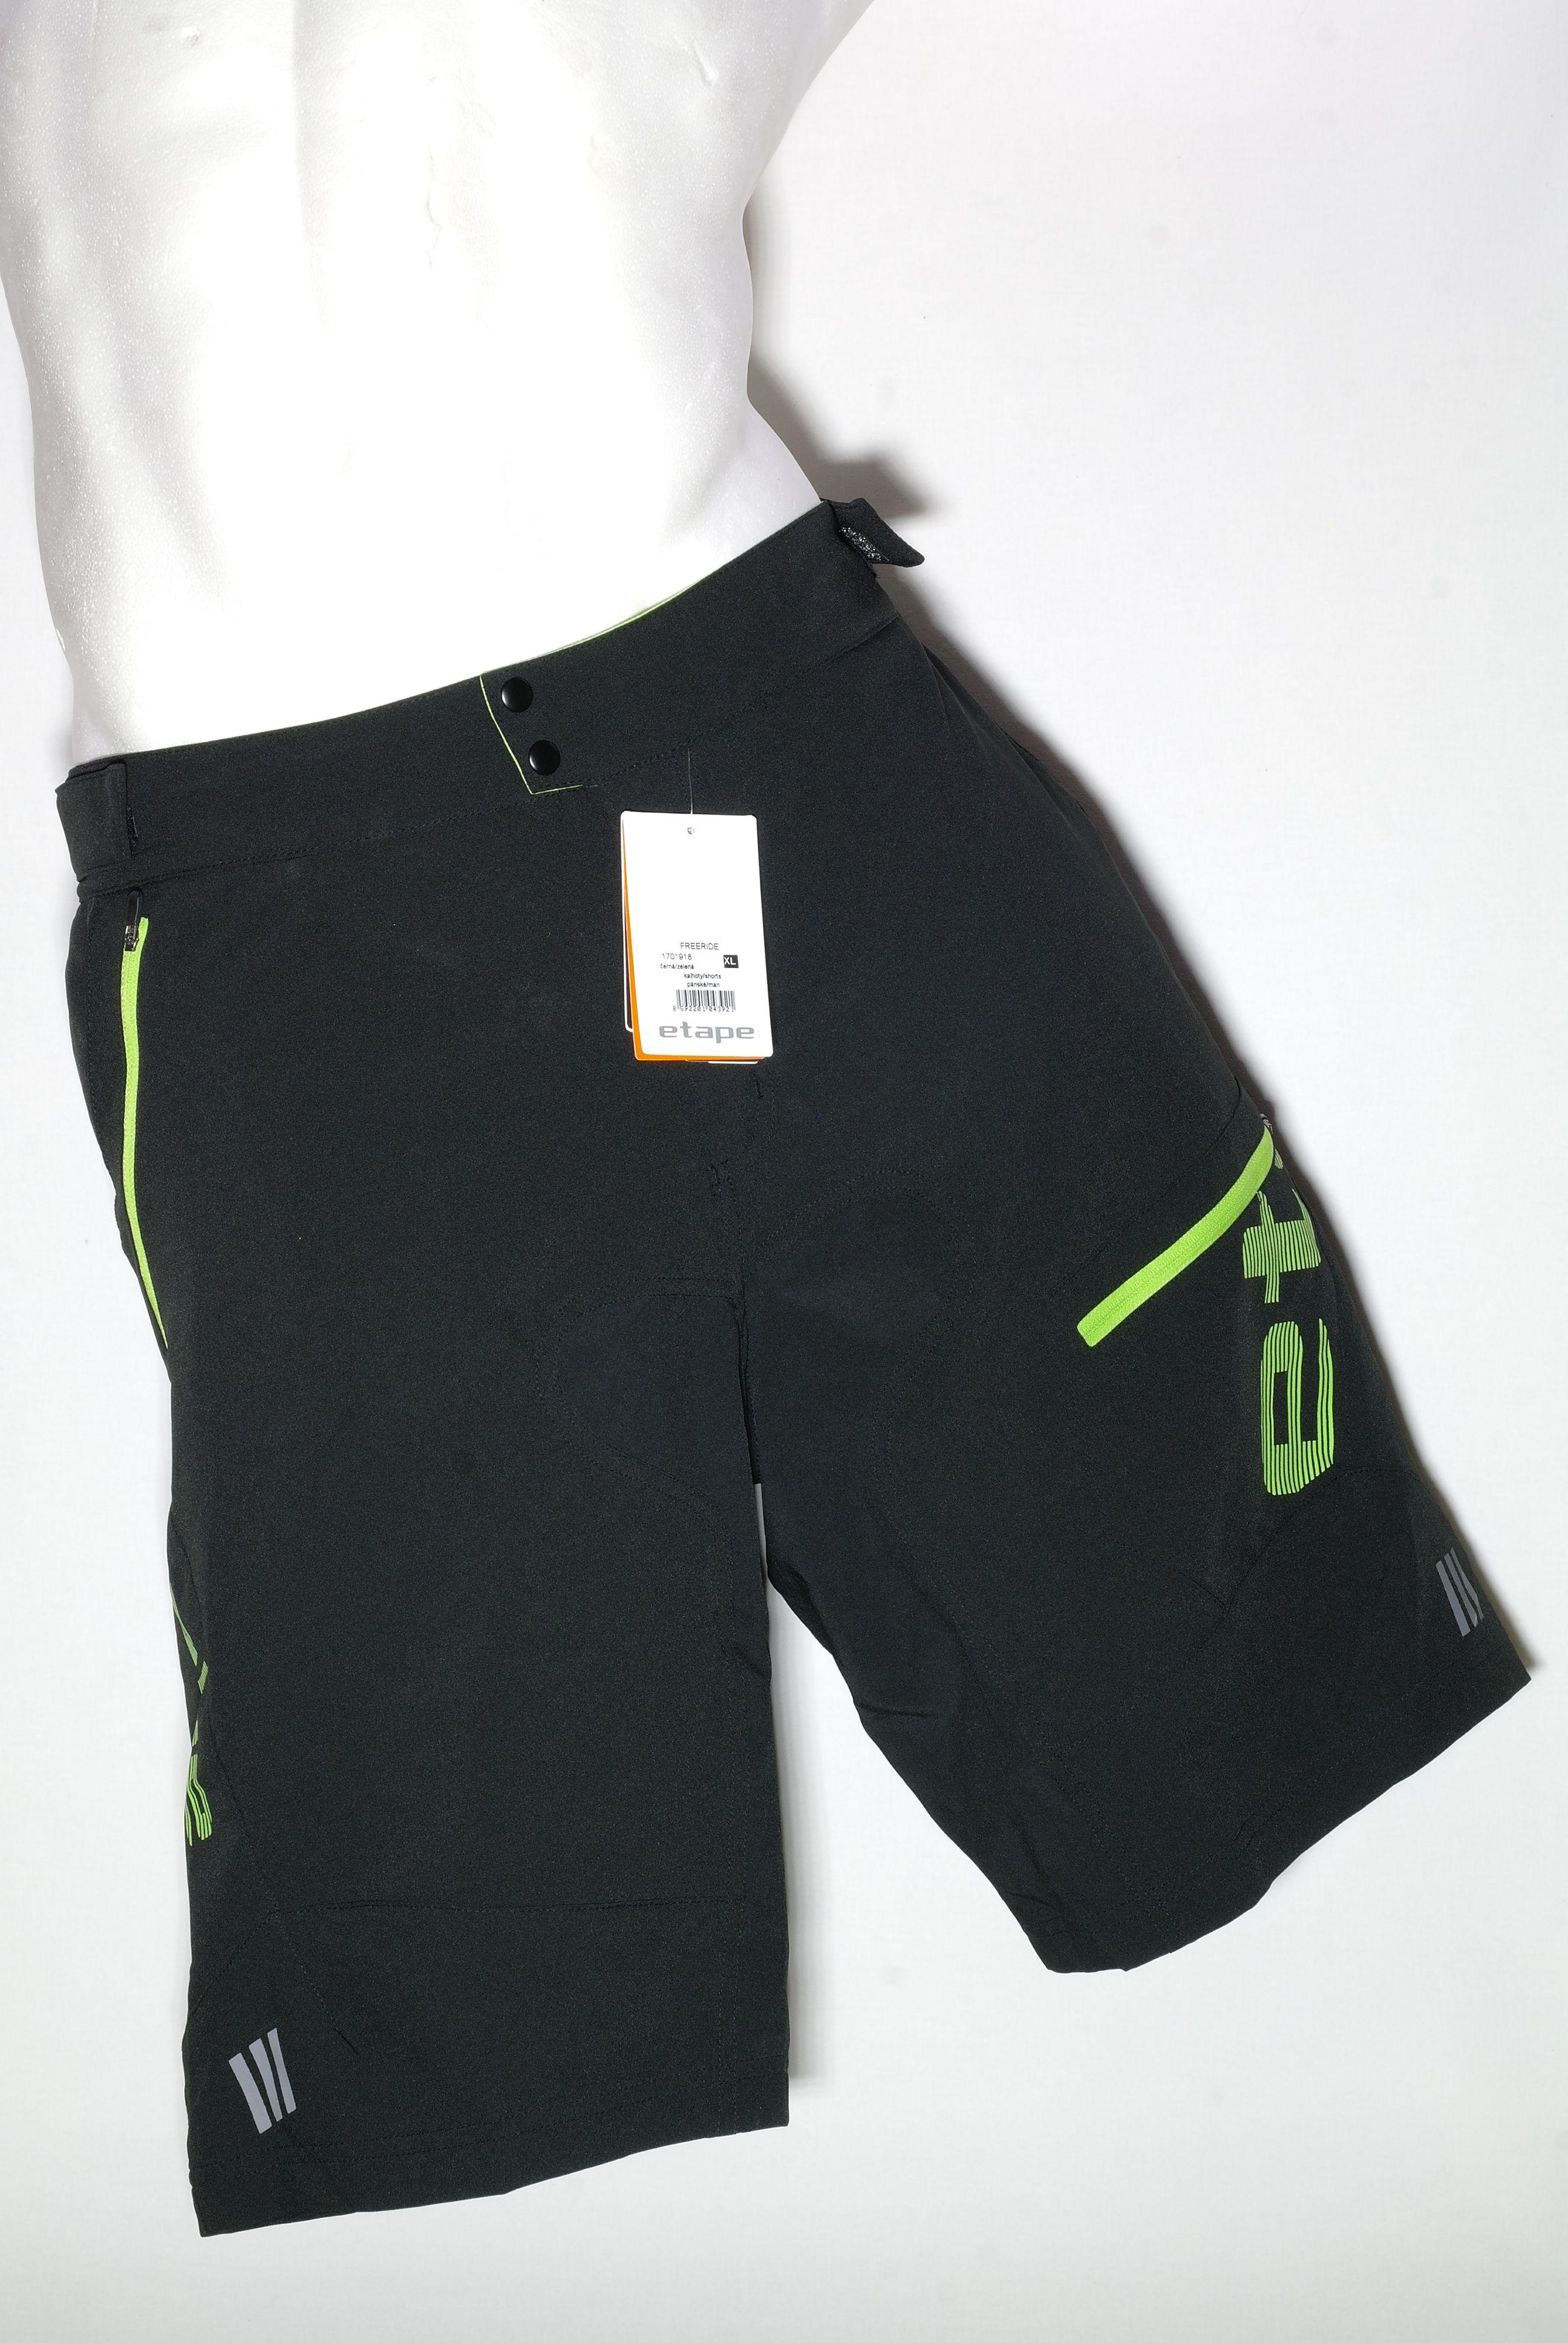 ETAPE FREERIDE kalhoty krátké volné černá/zelená XL